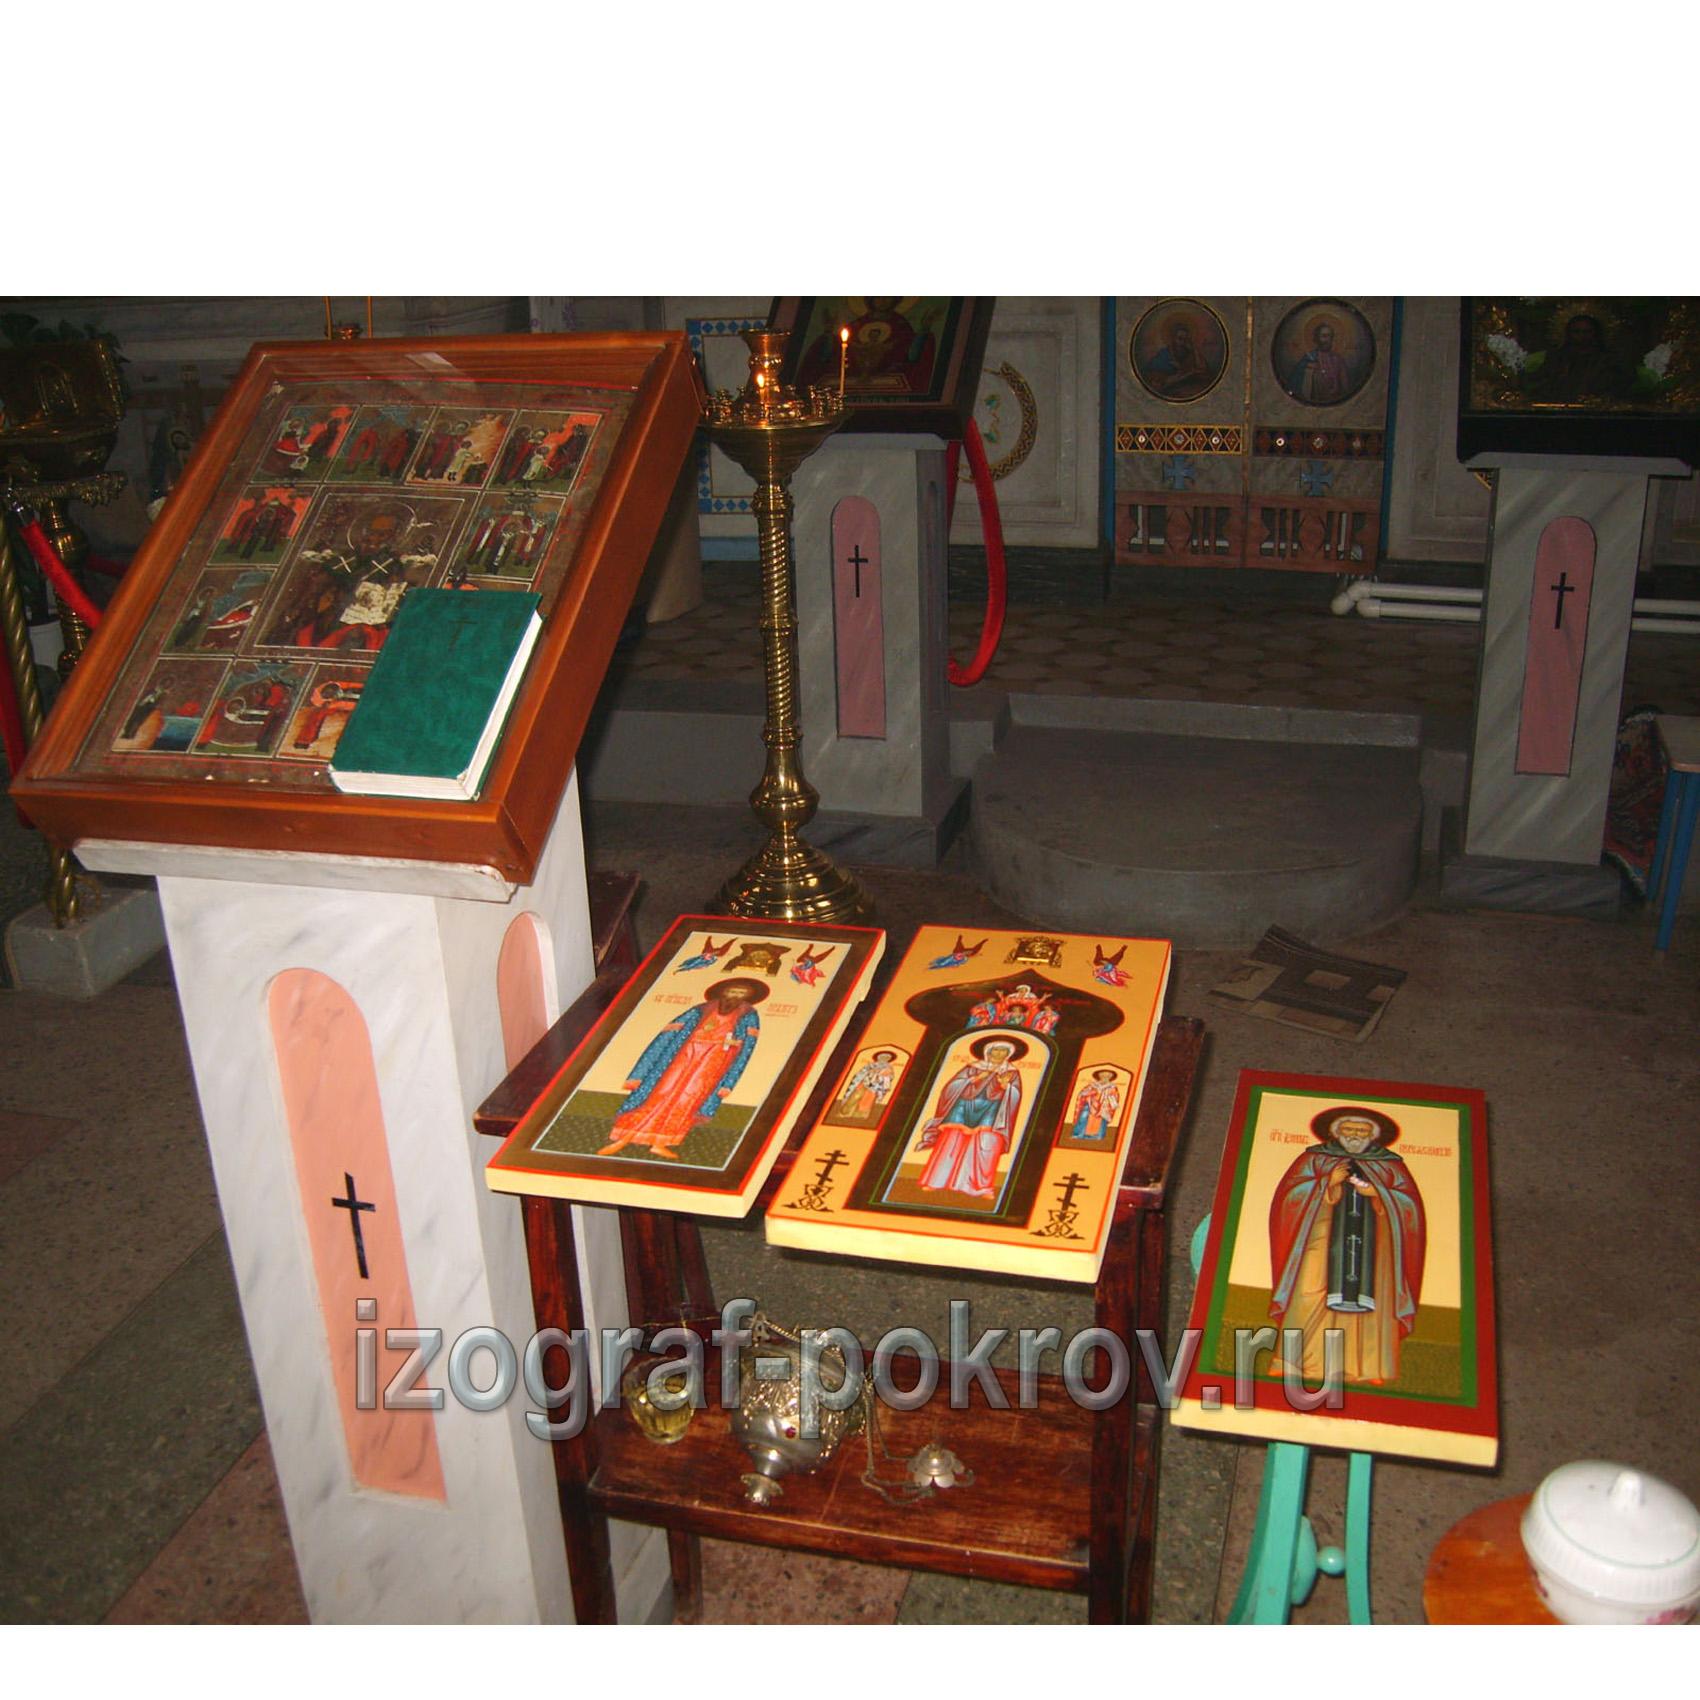 Готовые иконы Иустины Антиохийской, Никиты Алфанова, Даниил Переяславский освящались в храме Покрова Пресвятой Богородицы